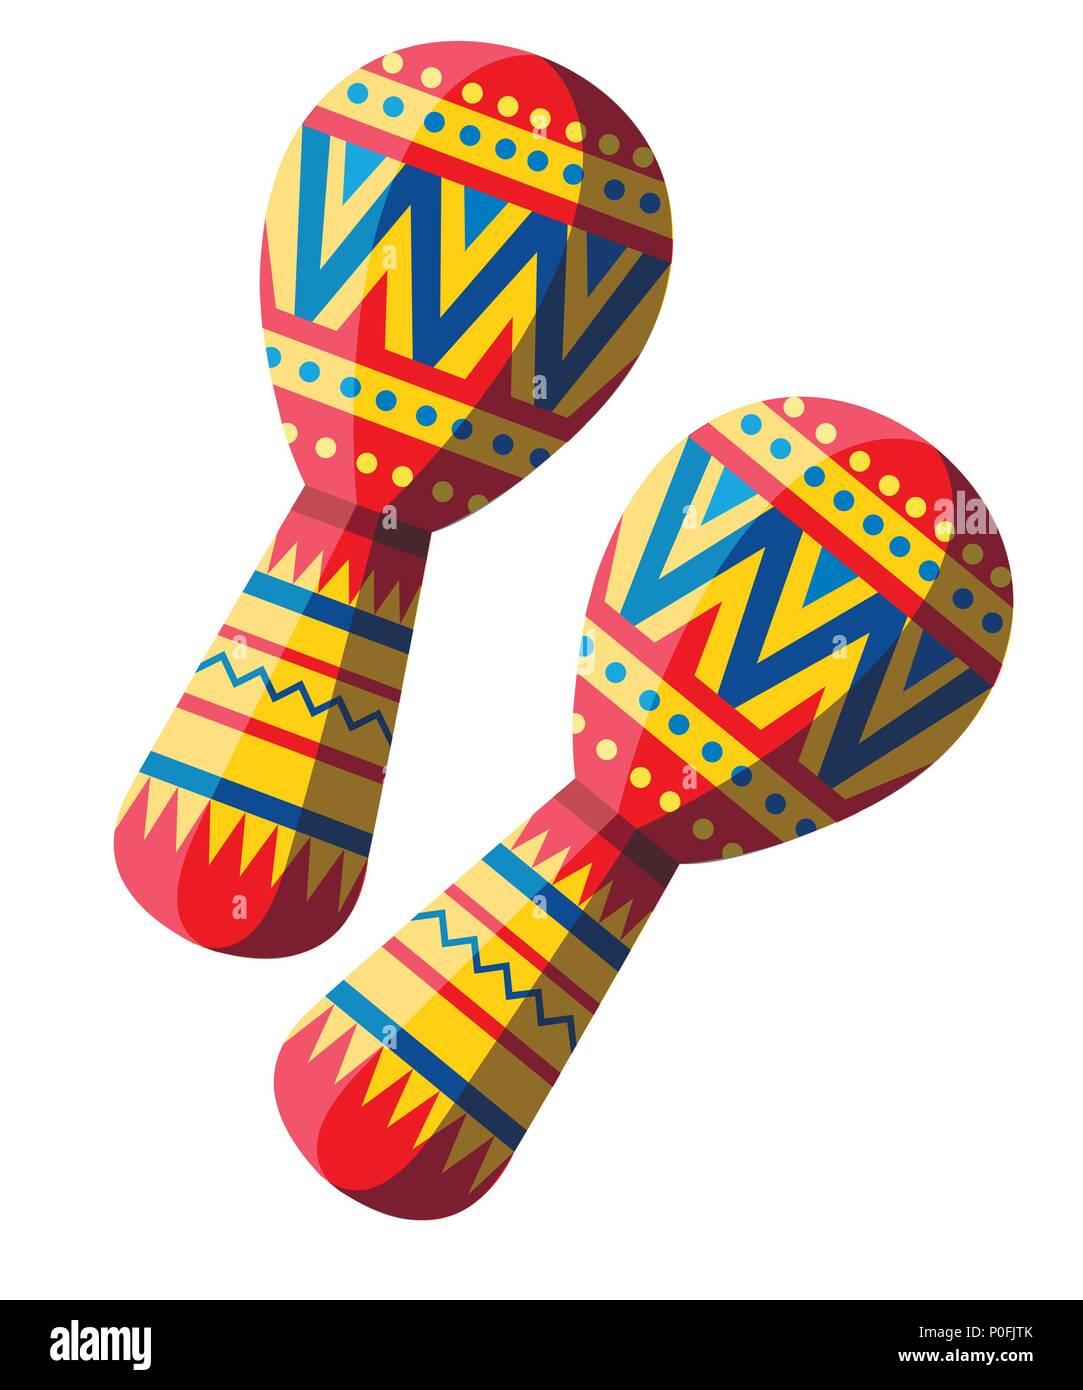 vector illustration of colorful maracas pair maracas flat icon